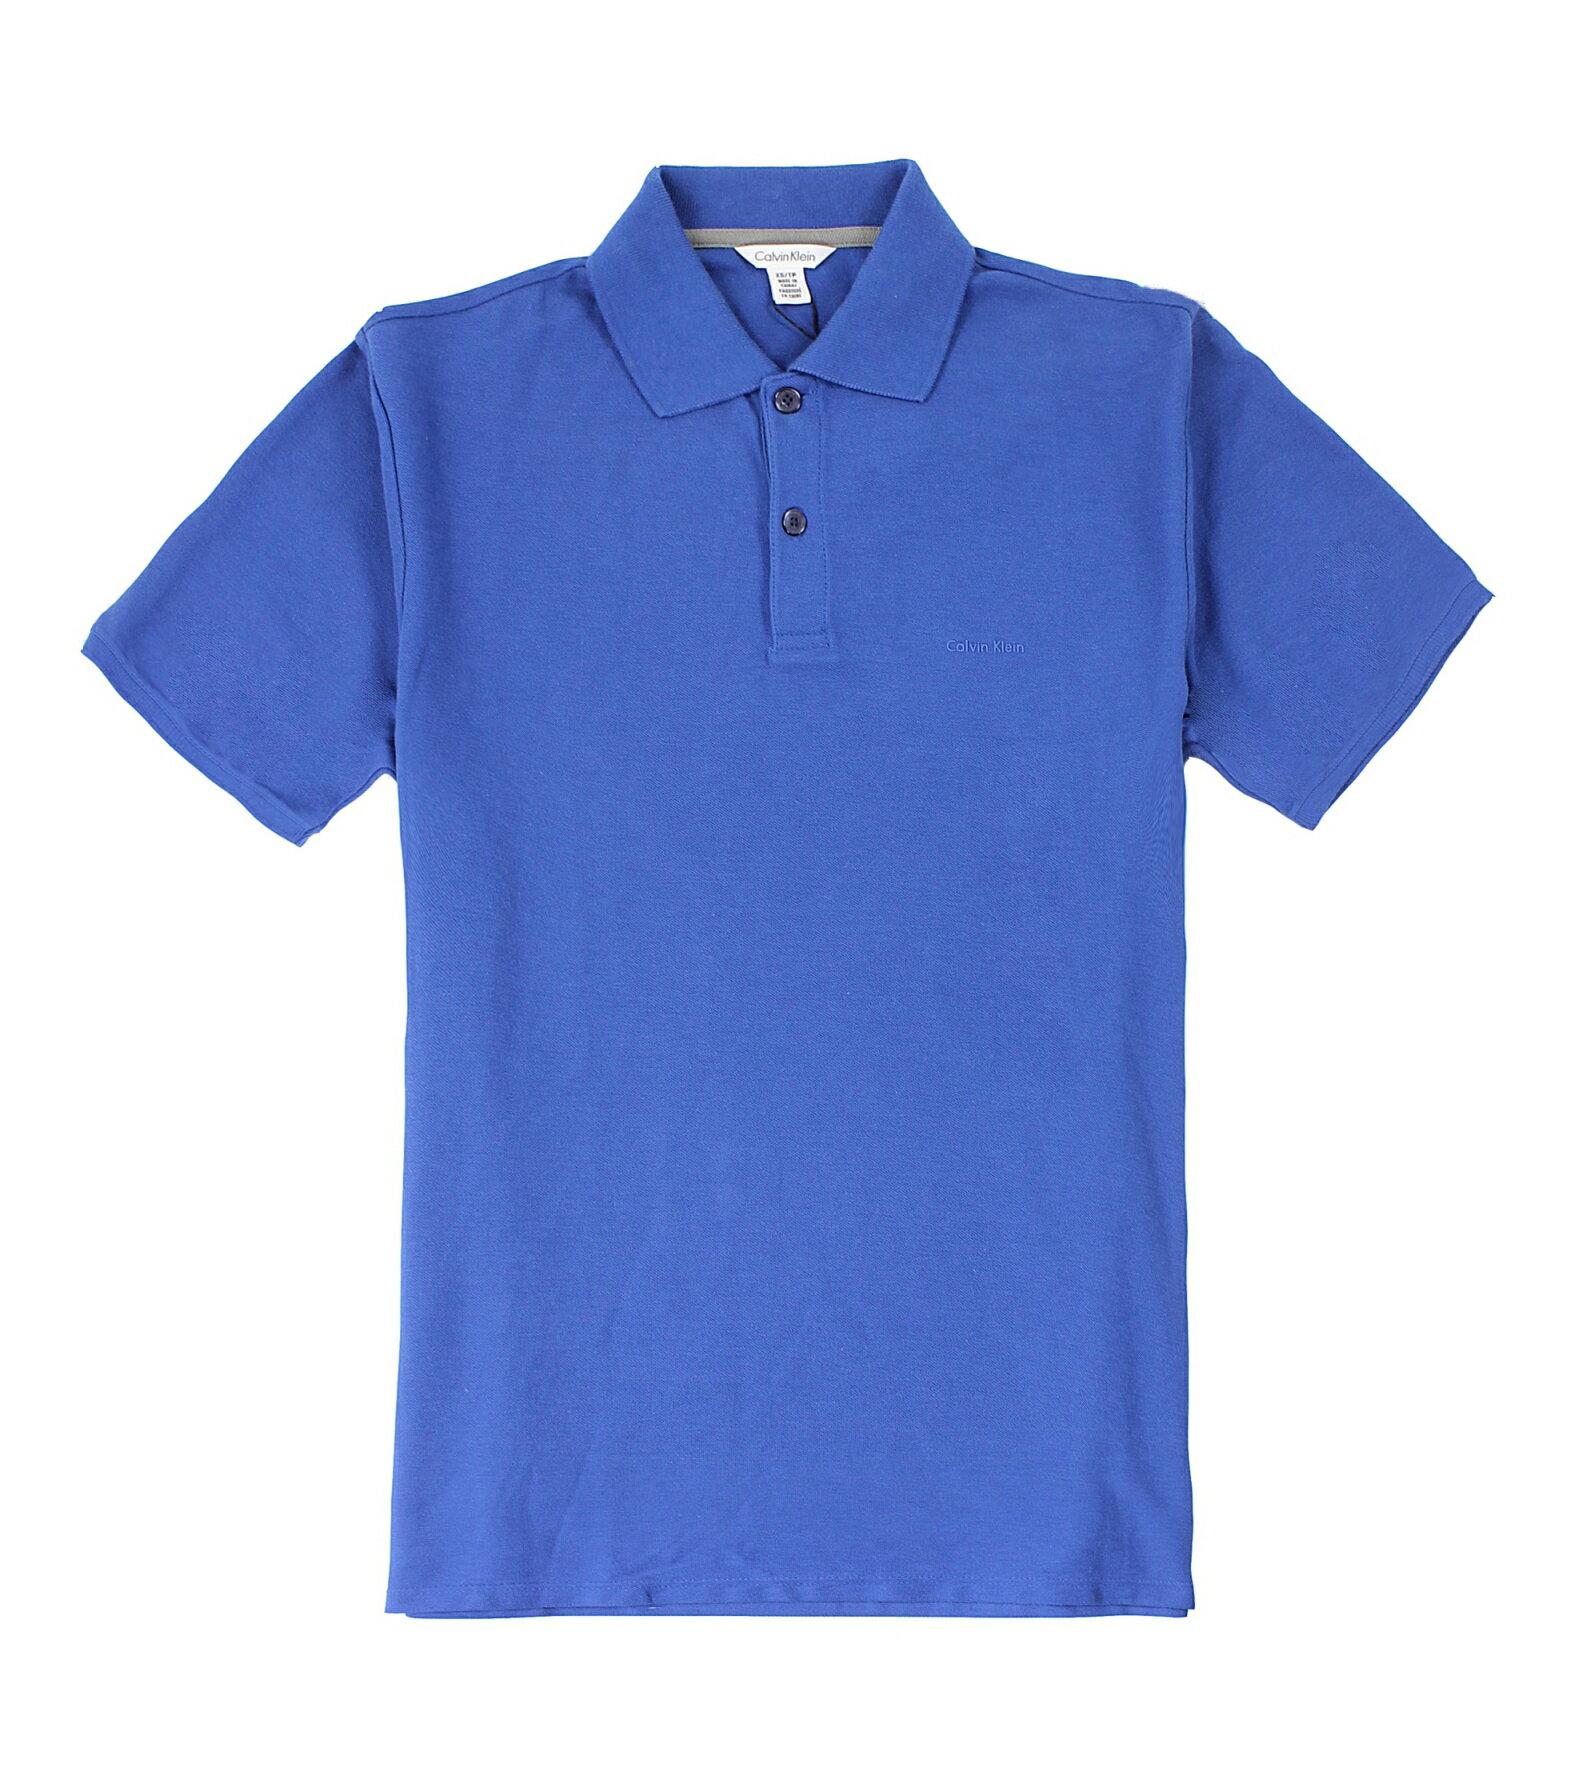 美國百分百【全新真品】Calvin Klein CK 短袖 POLO衫 寶藍 立體 Logo 網眼 男衣 XS號 E095